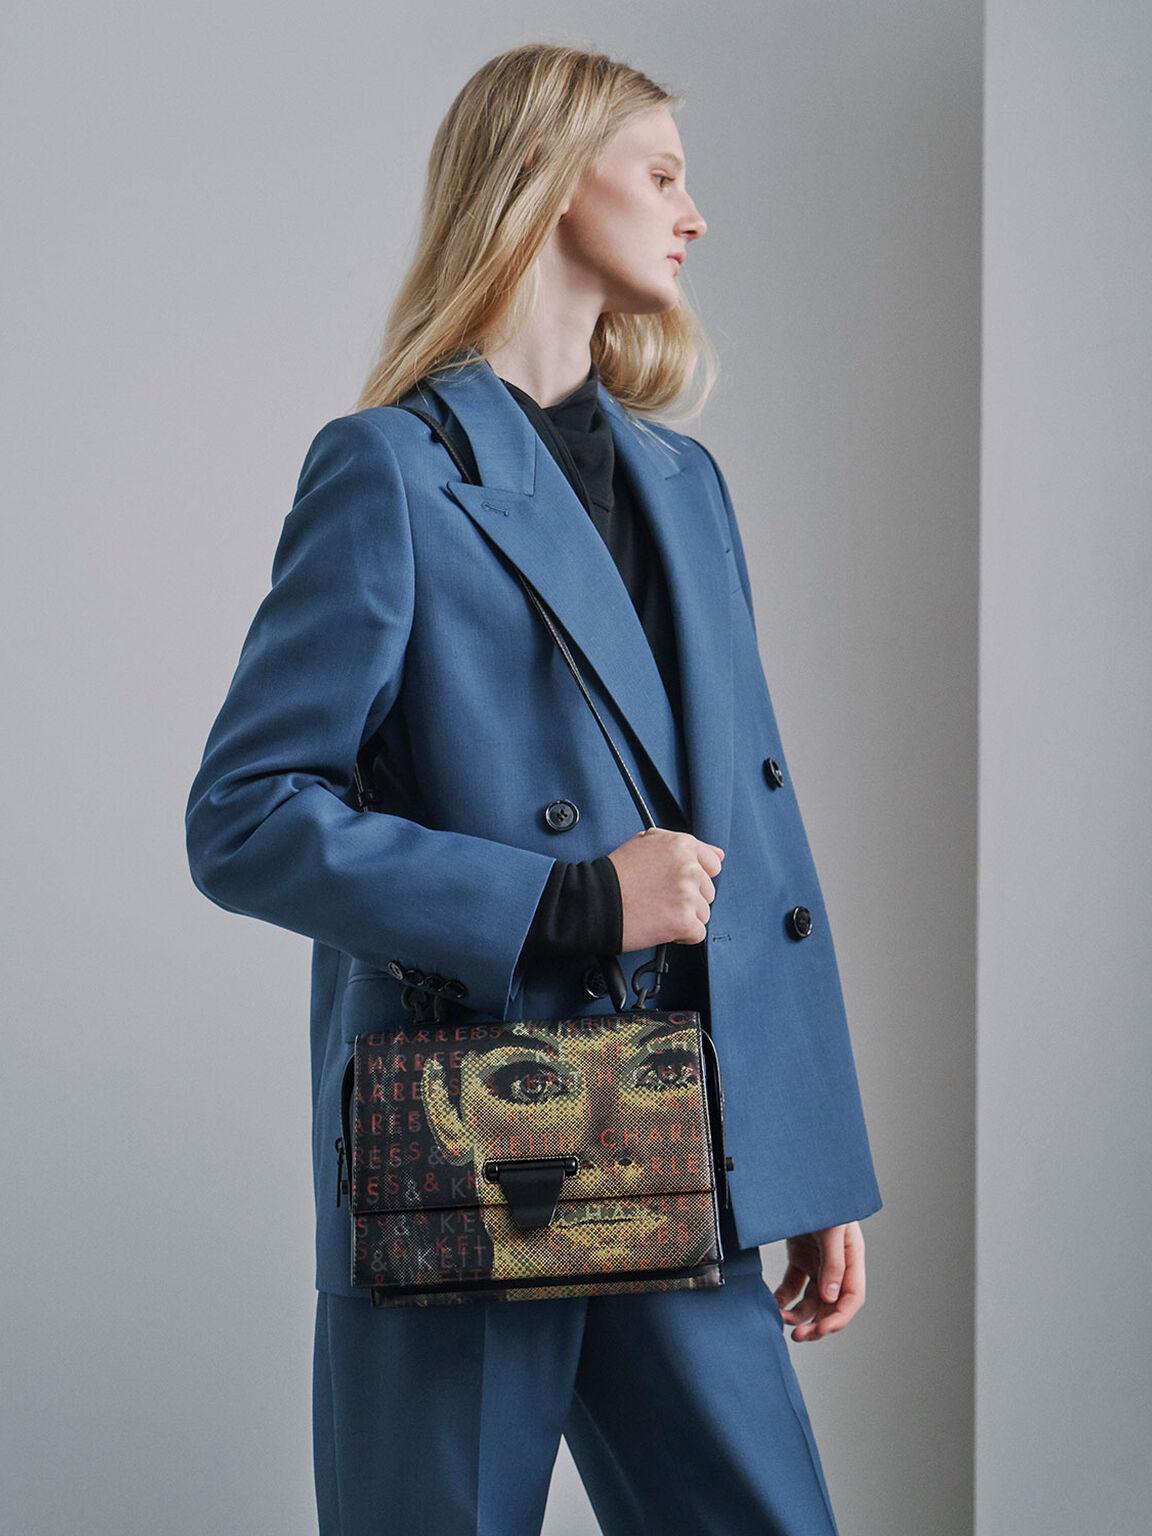 Graphic Printed Top Handle Bag, Black, hi-res